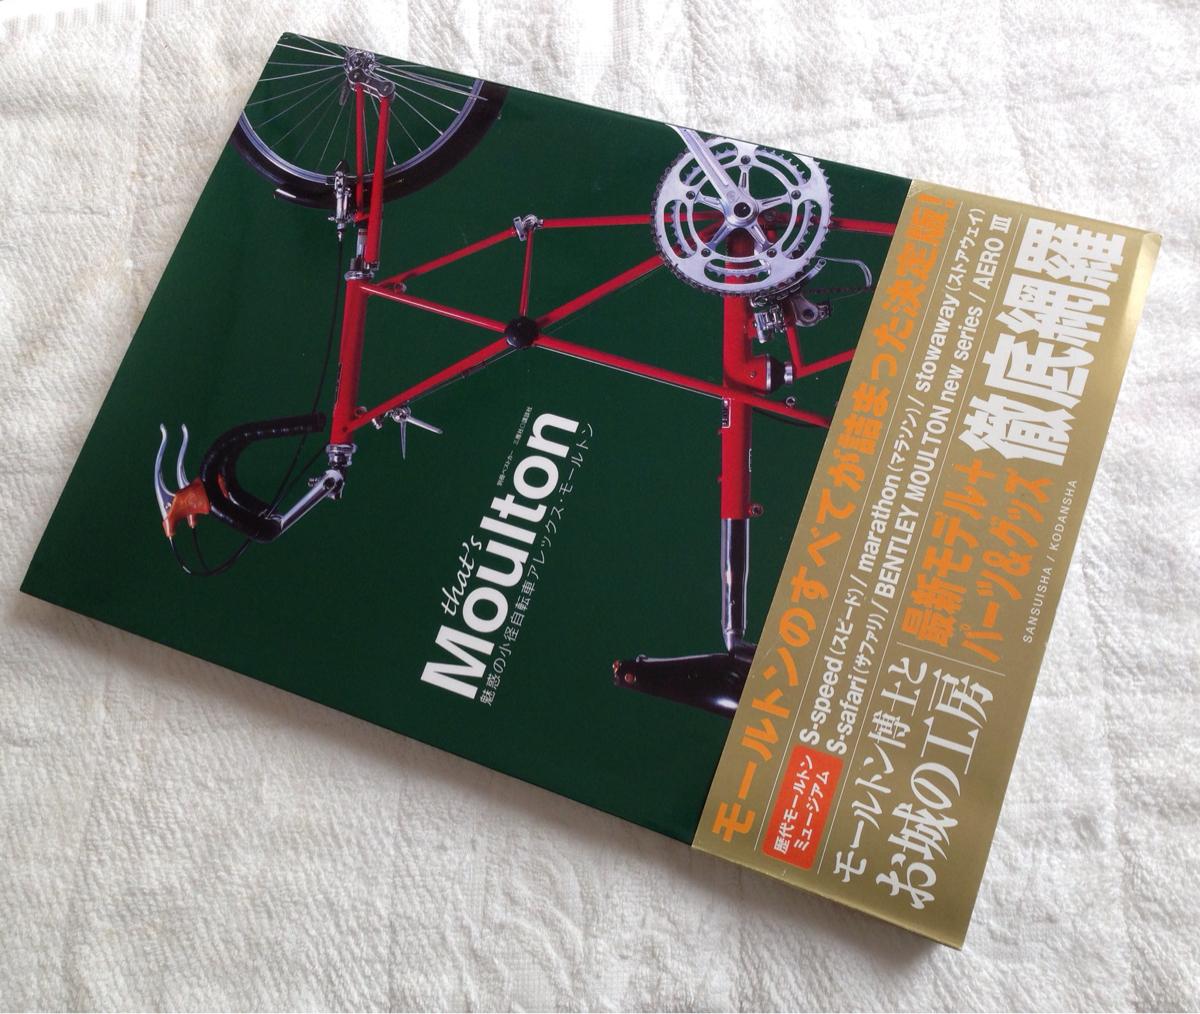 【送料無料】That's Moulton 魅惑の小径自転車アレックス・モールトン